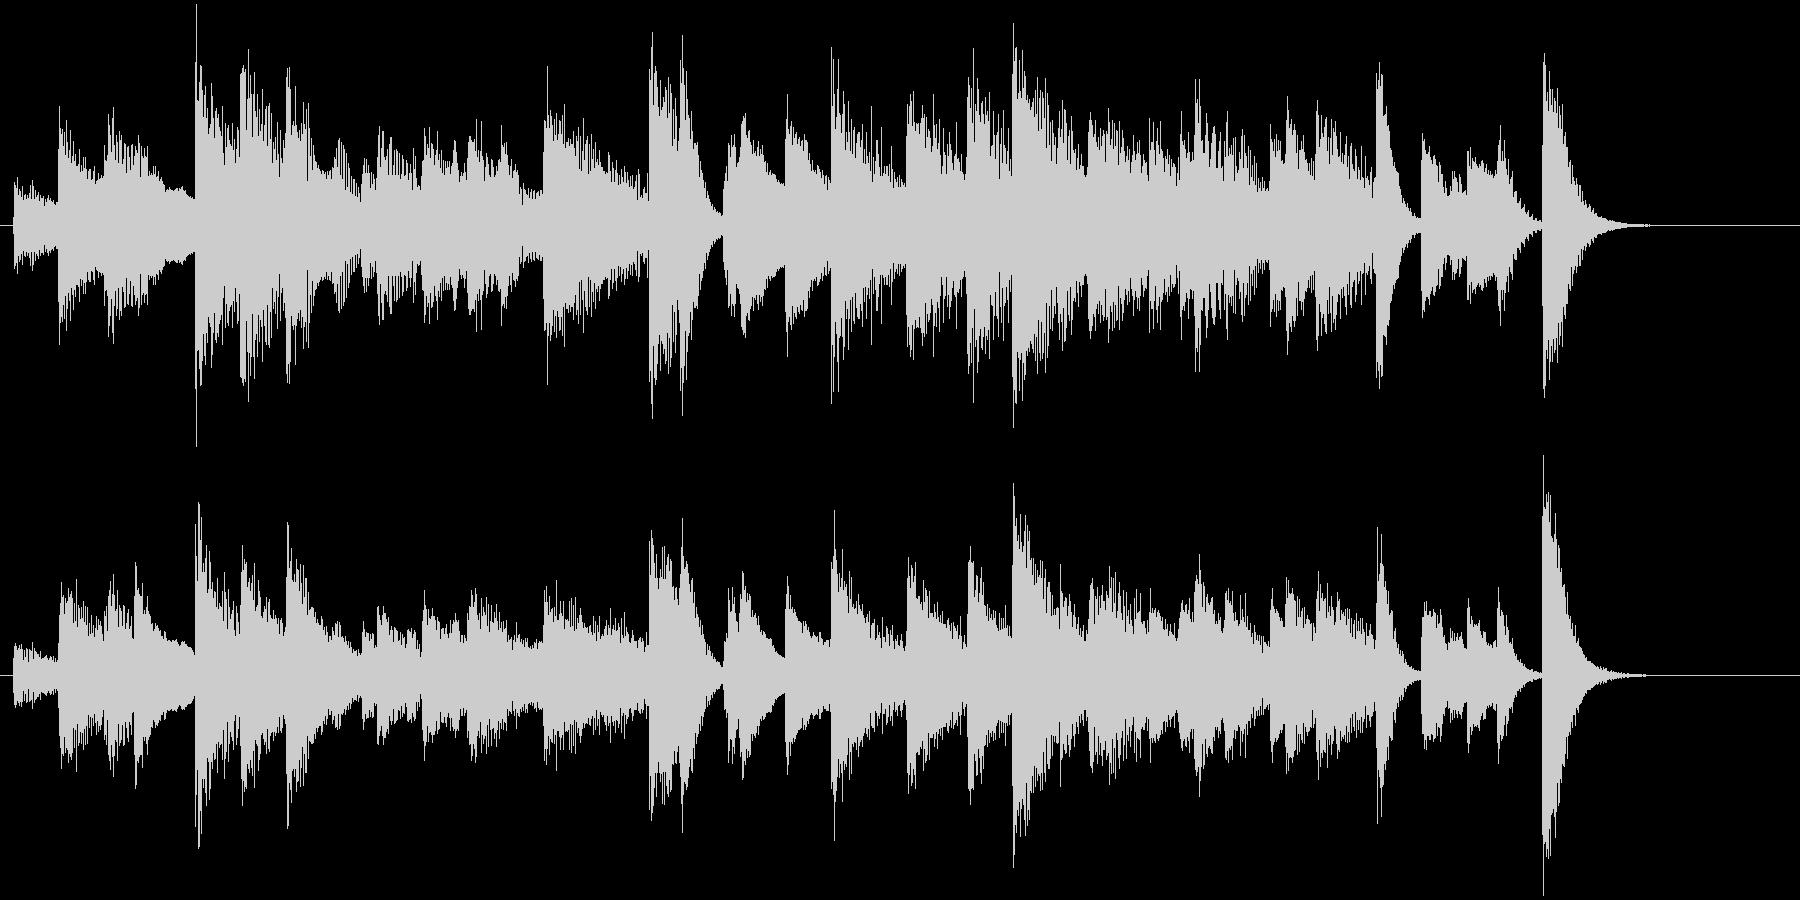 「花のワルツ」クラシックピアノジングルBの未再生の波形